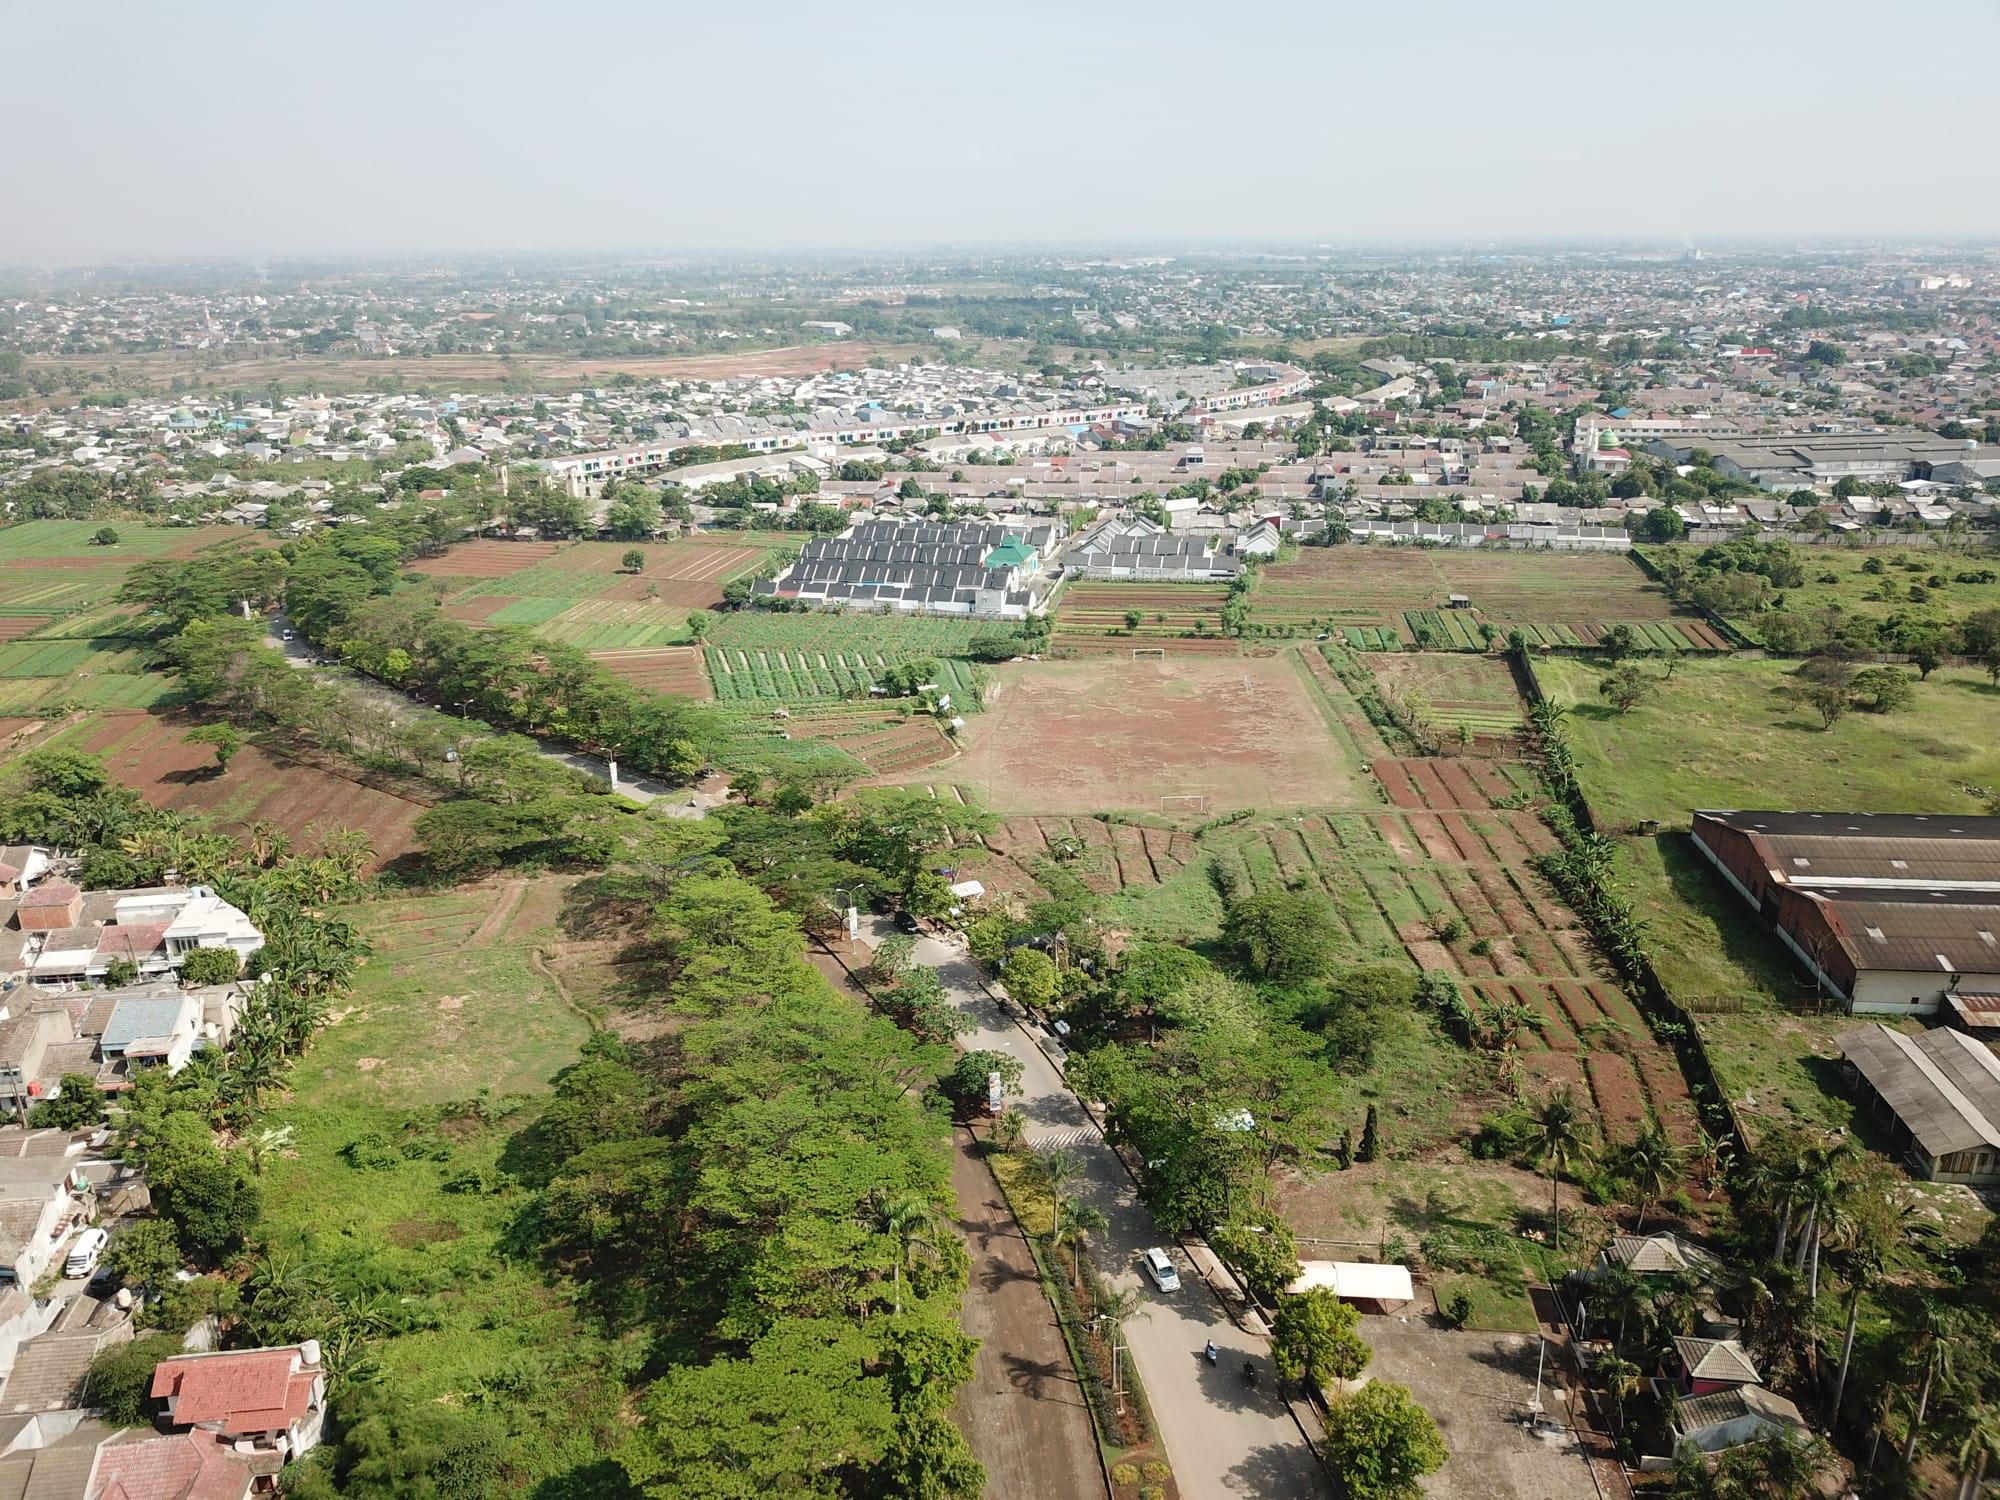 Bumi Indah City Aerial 2